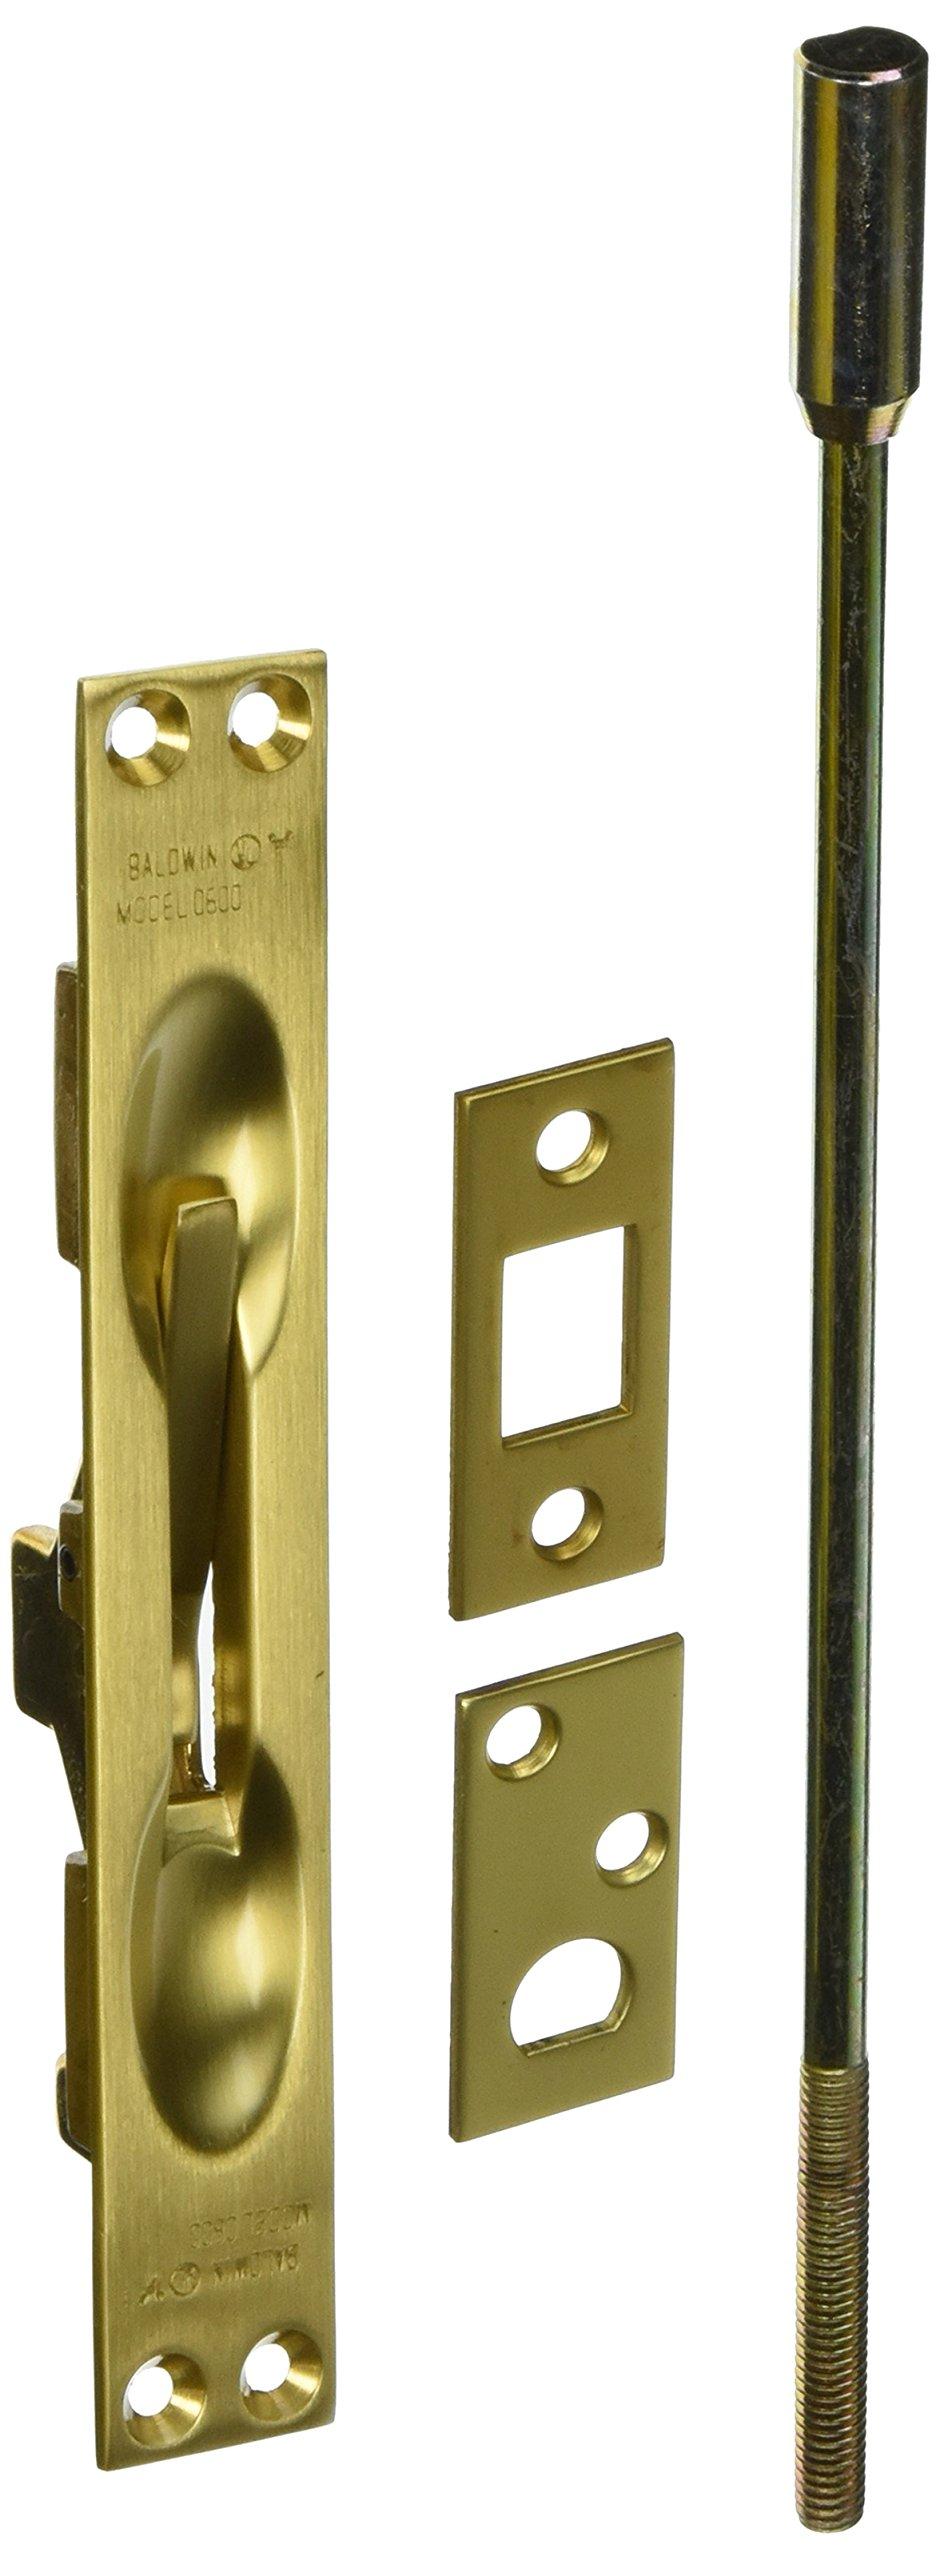 Baldwin 060004012 Flush Bolt, 12'', Satin Brass by Baldwin